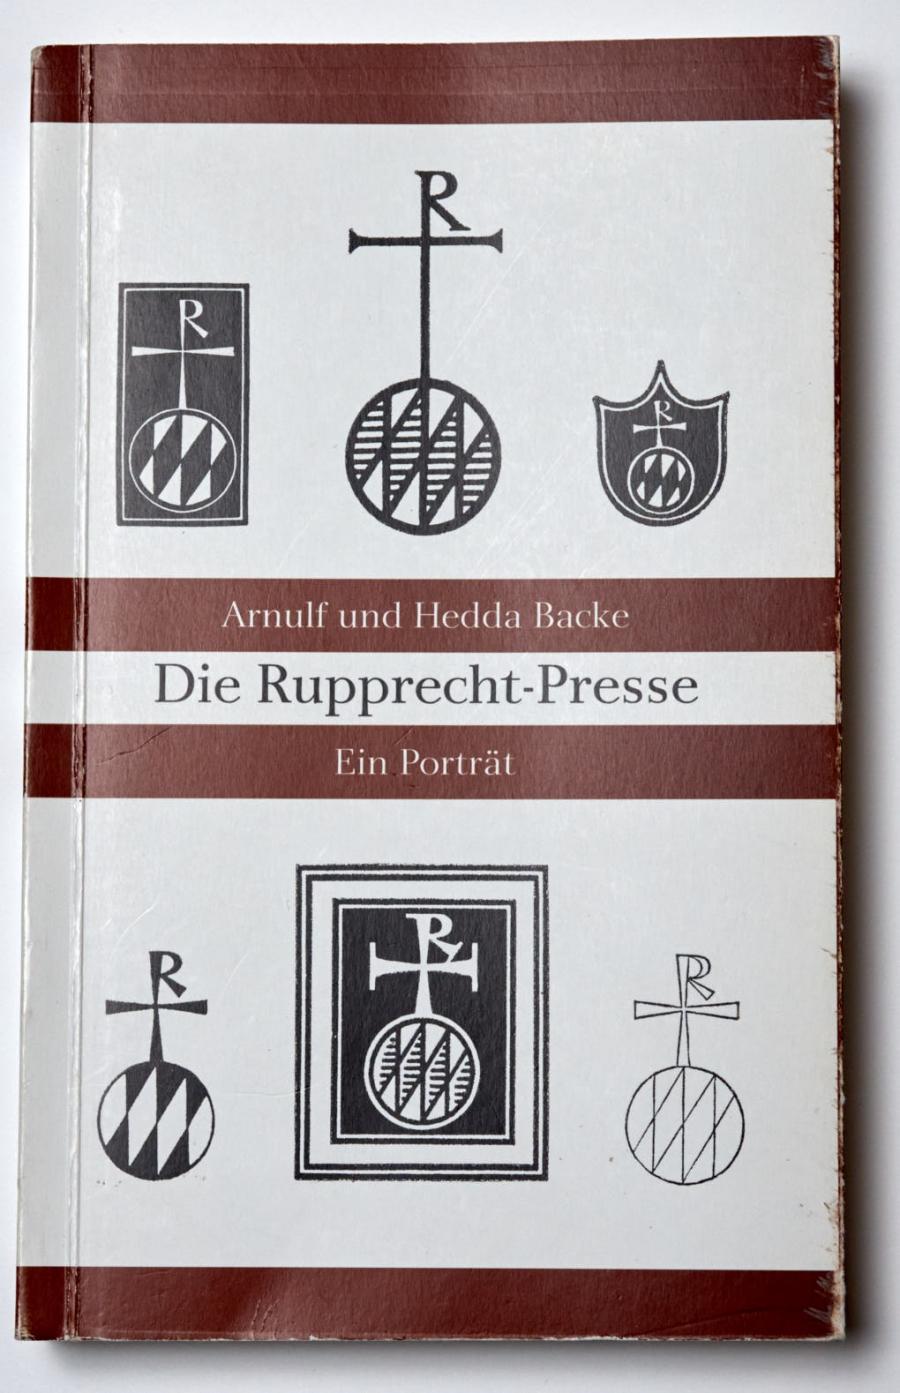 Arnulf und Hedda Backe:Die Rupprecht-Presse. Ein Porträt